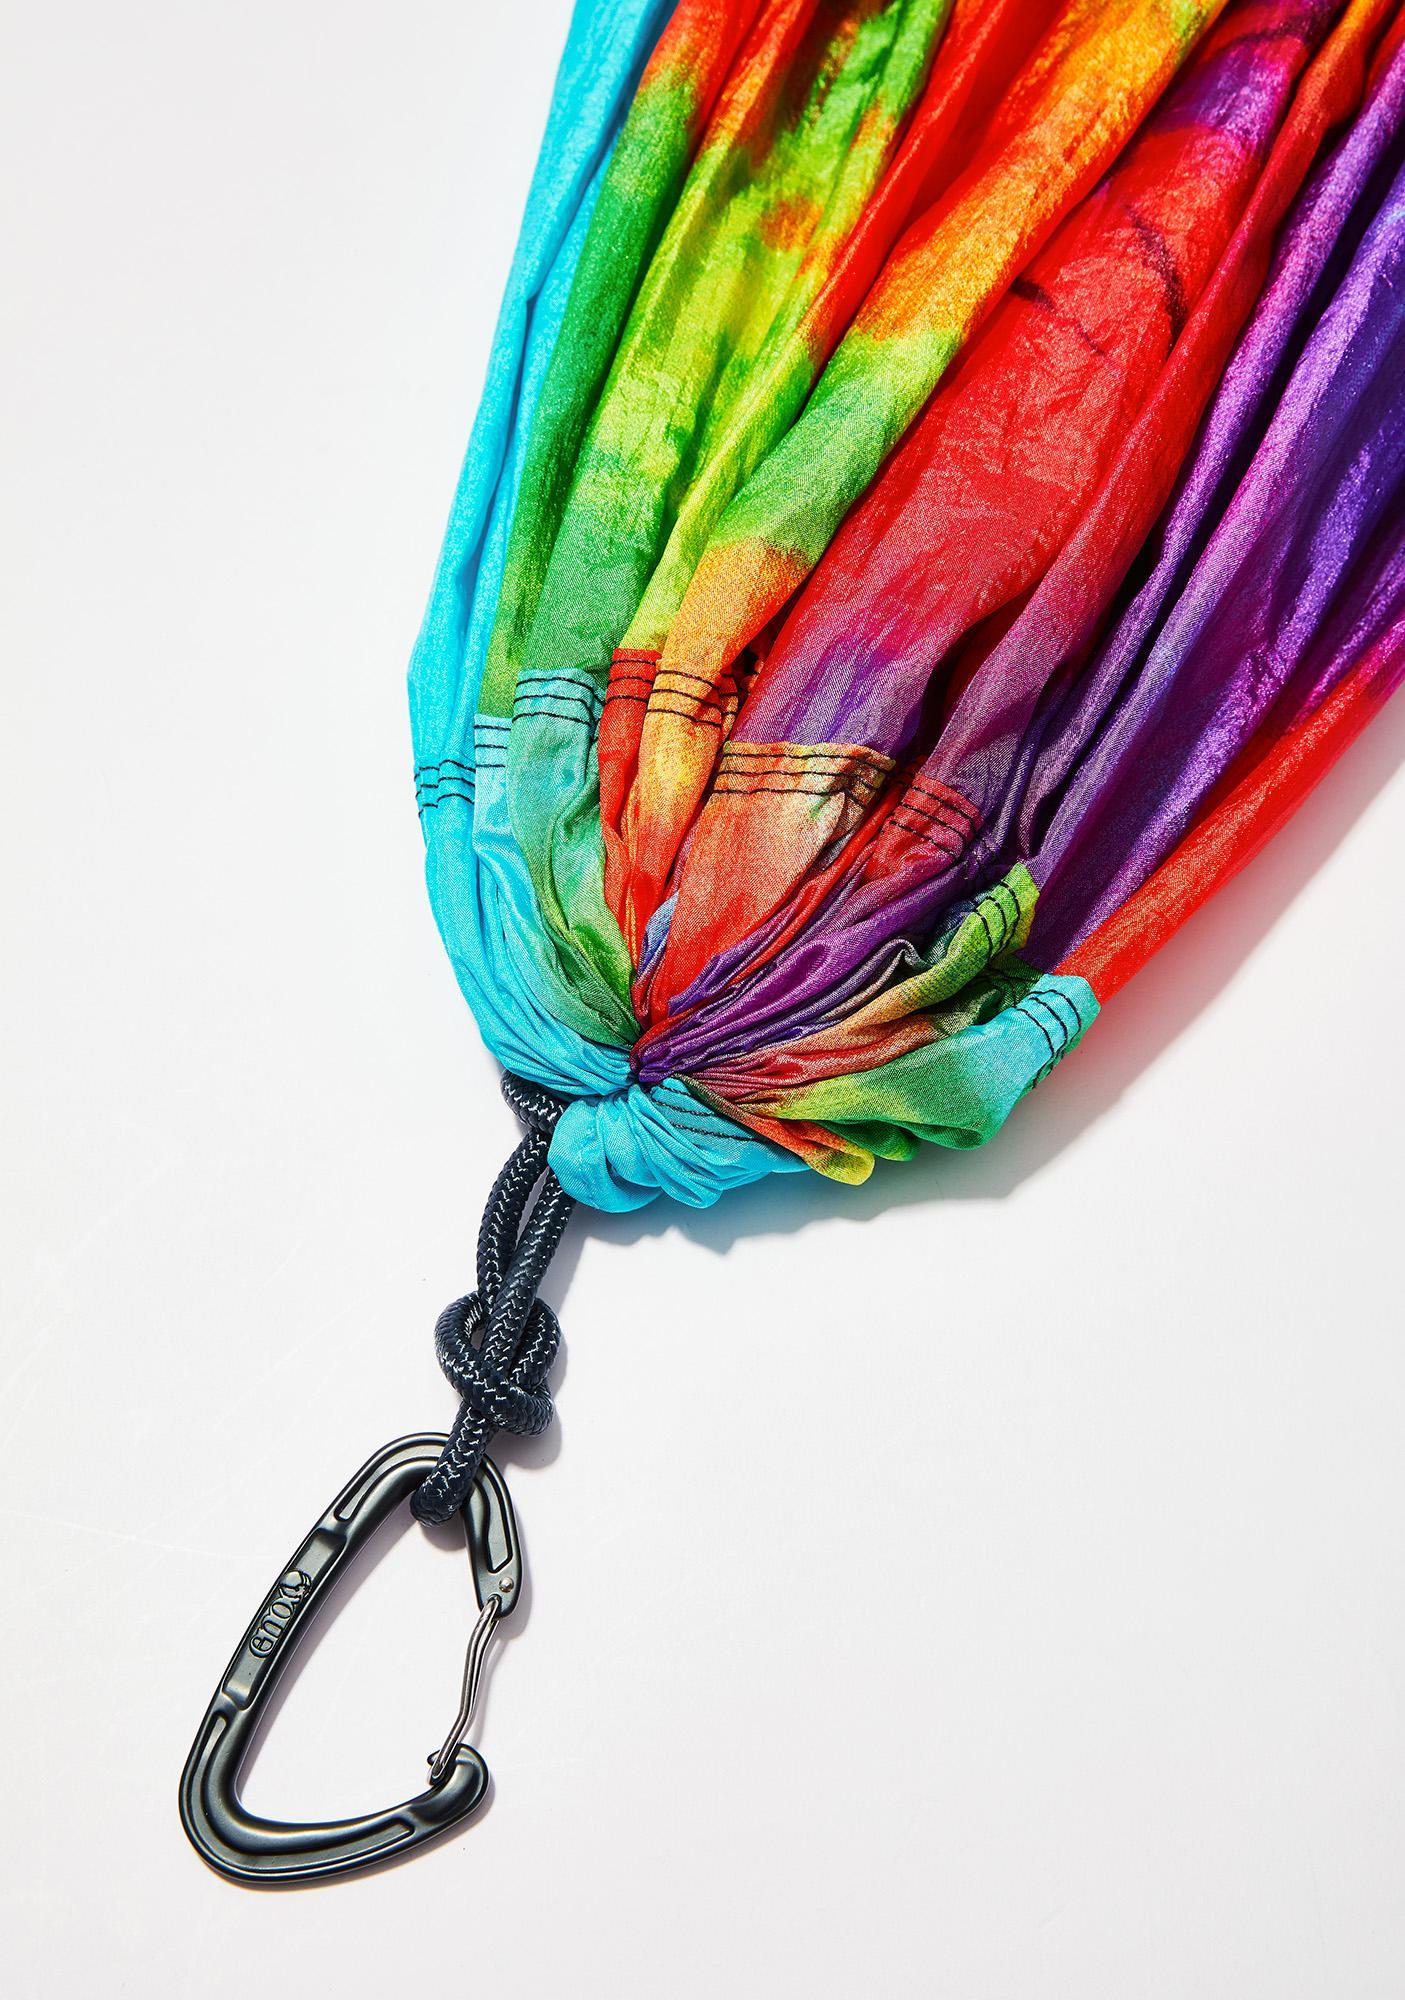 ENO Tie Dye DoubleNest Hammock